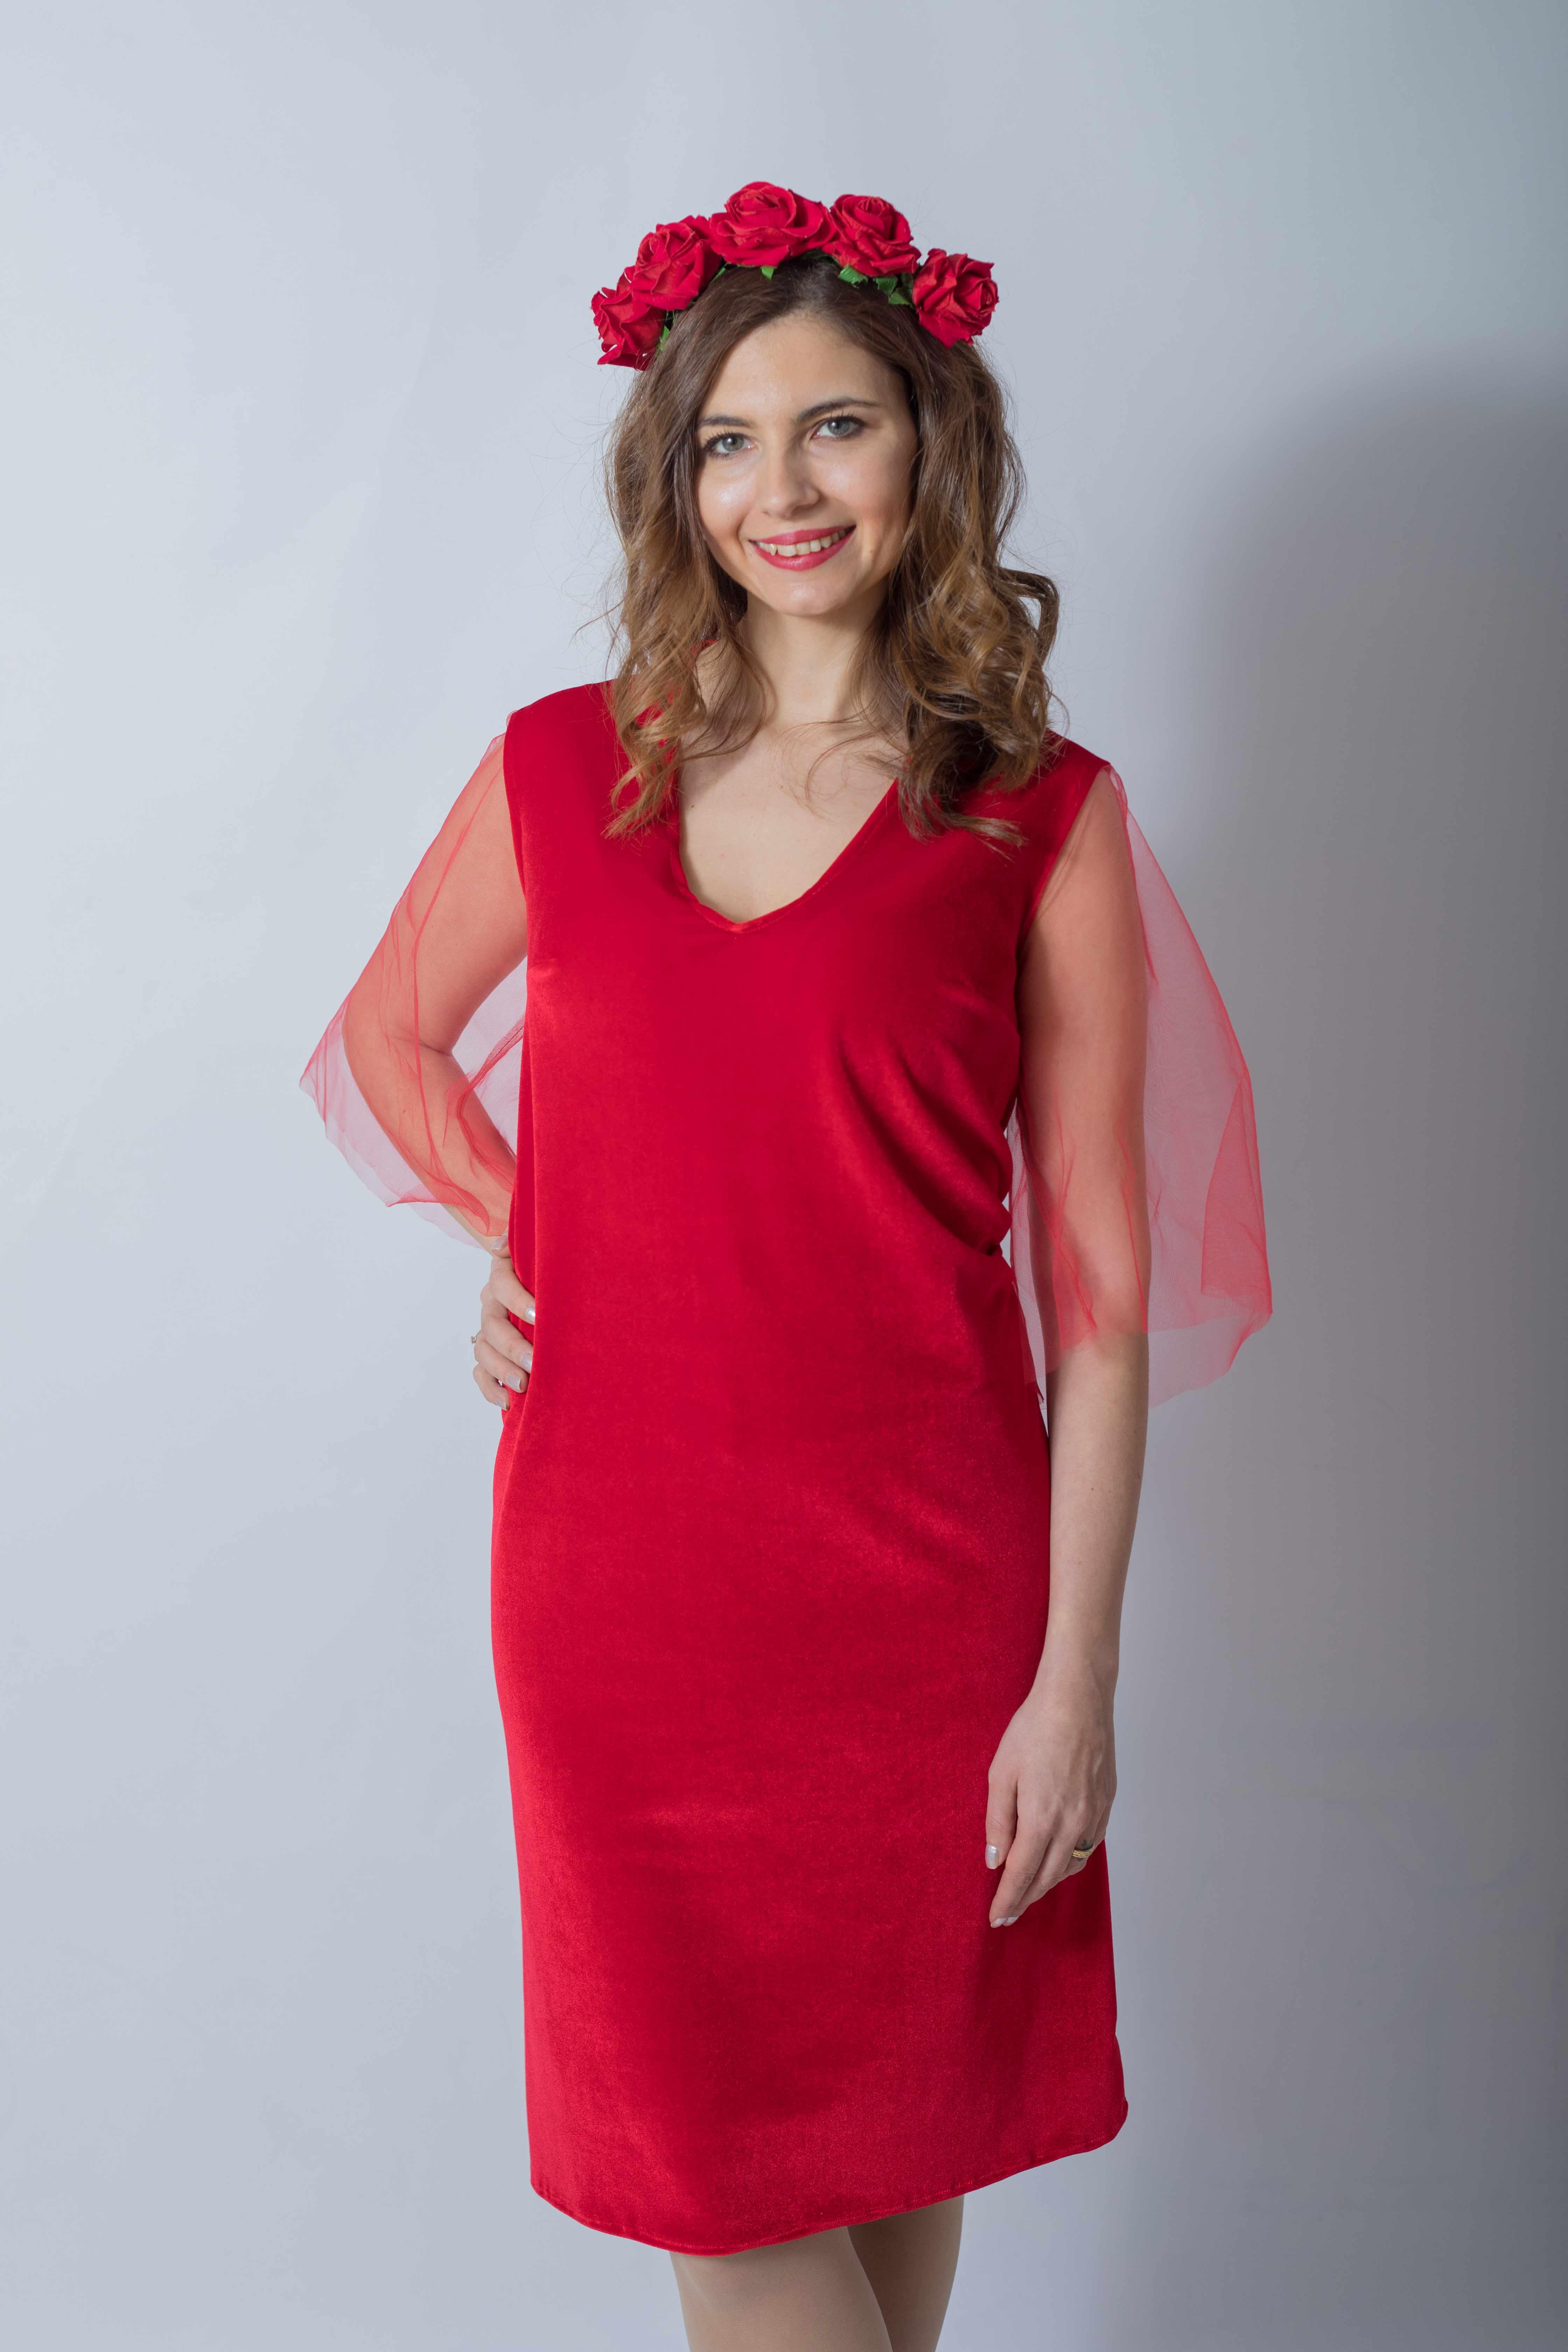 rouge-tulle-rochie-eleganta-gravida-din-catifea-premium-transport-gratuit [1]